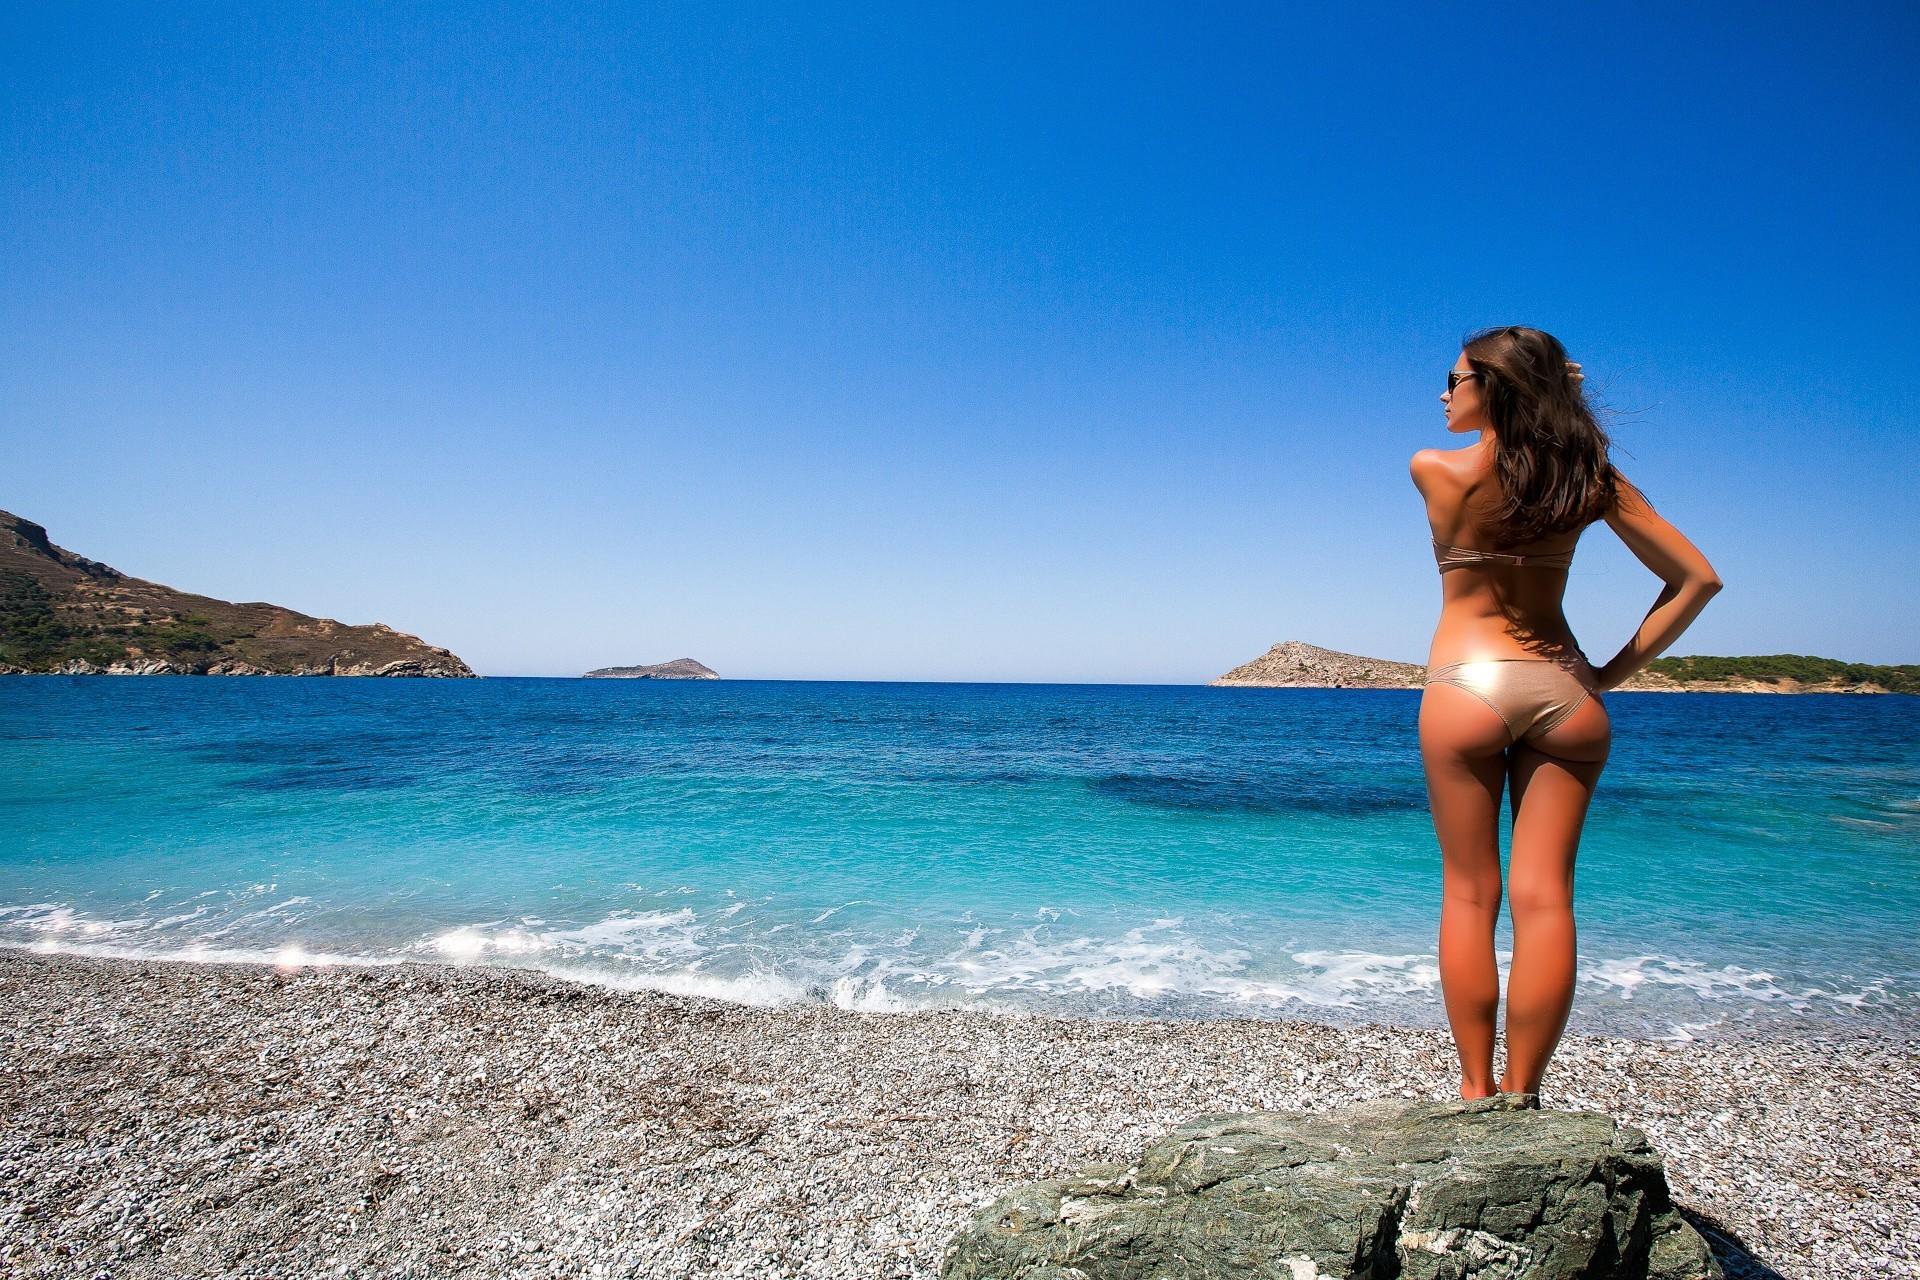 Обнаженная девушка получает загар возле моря  320932